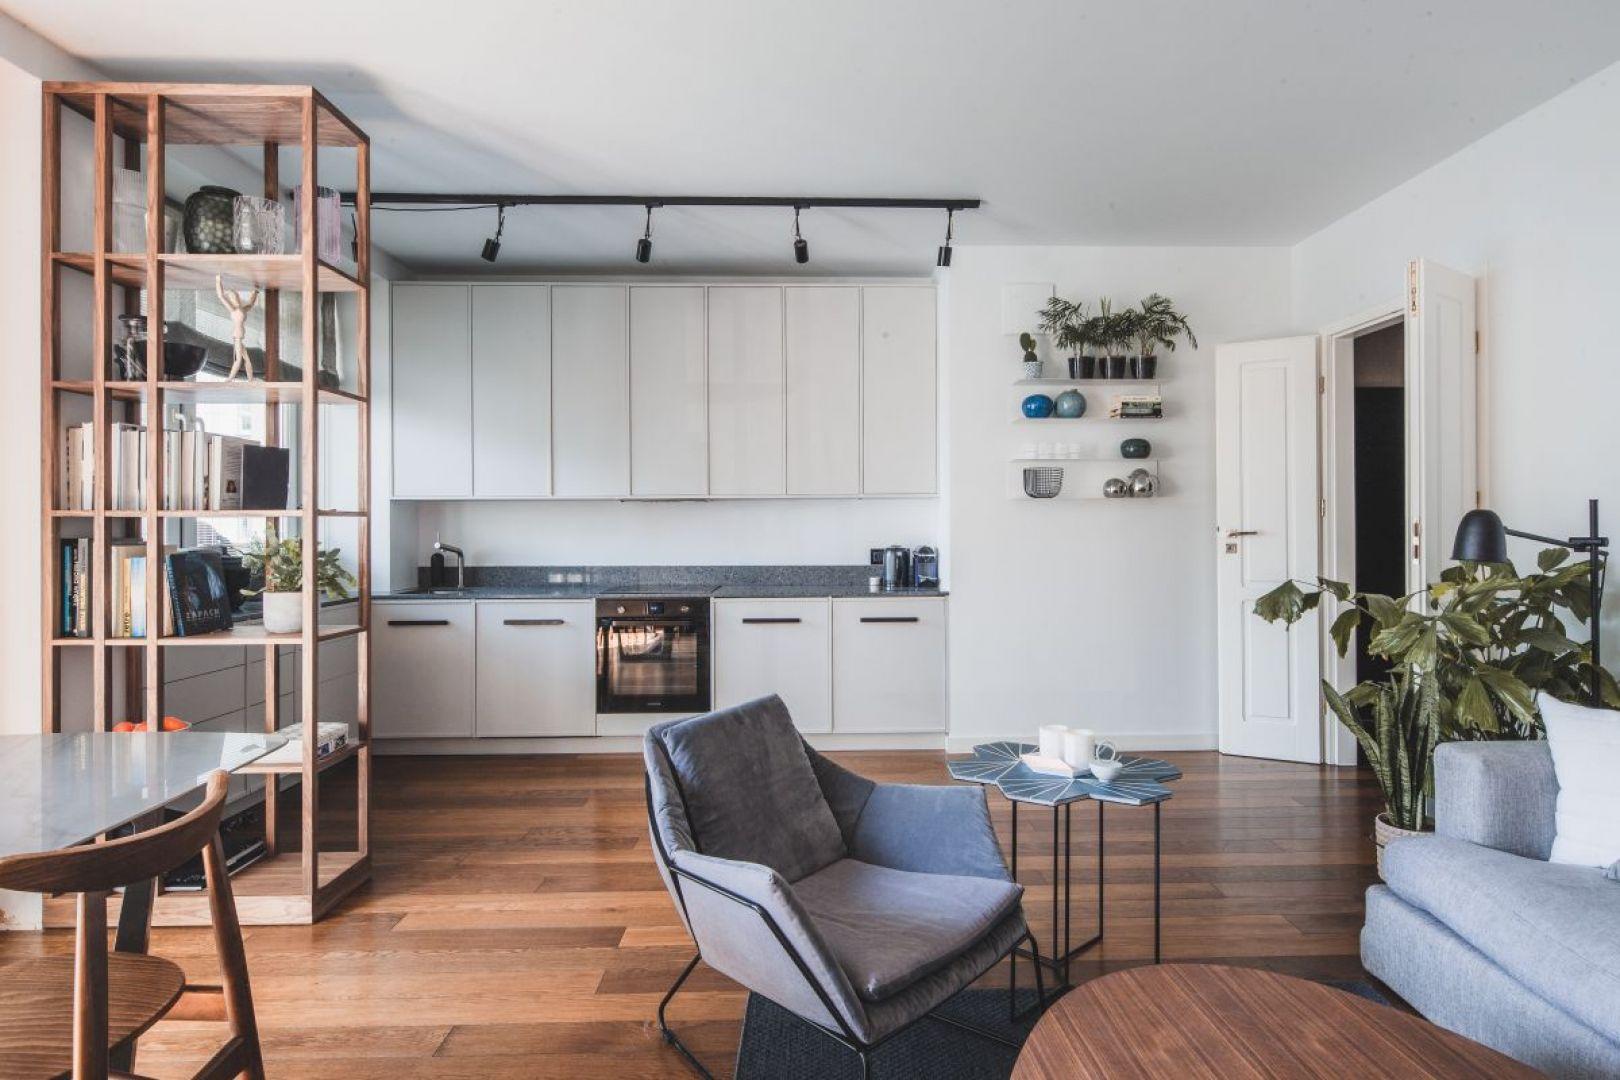 Mieszkanie zostało zaprojektowane tak, aby jak najlepiej wykorzystać niewielką przestrzeń, z jednoczesną dbałością o detale i estetykę. Projekt: Taff Architekci. Fot. Ignacy Matuszewski